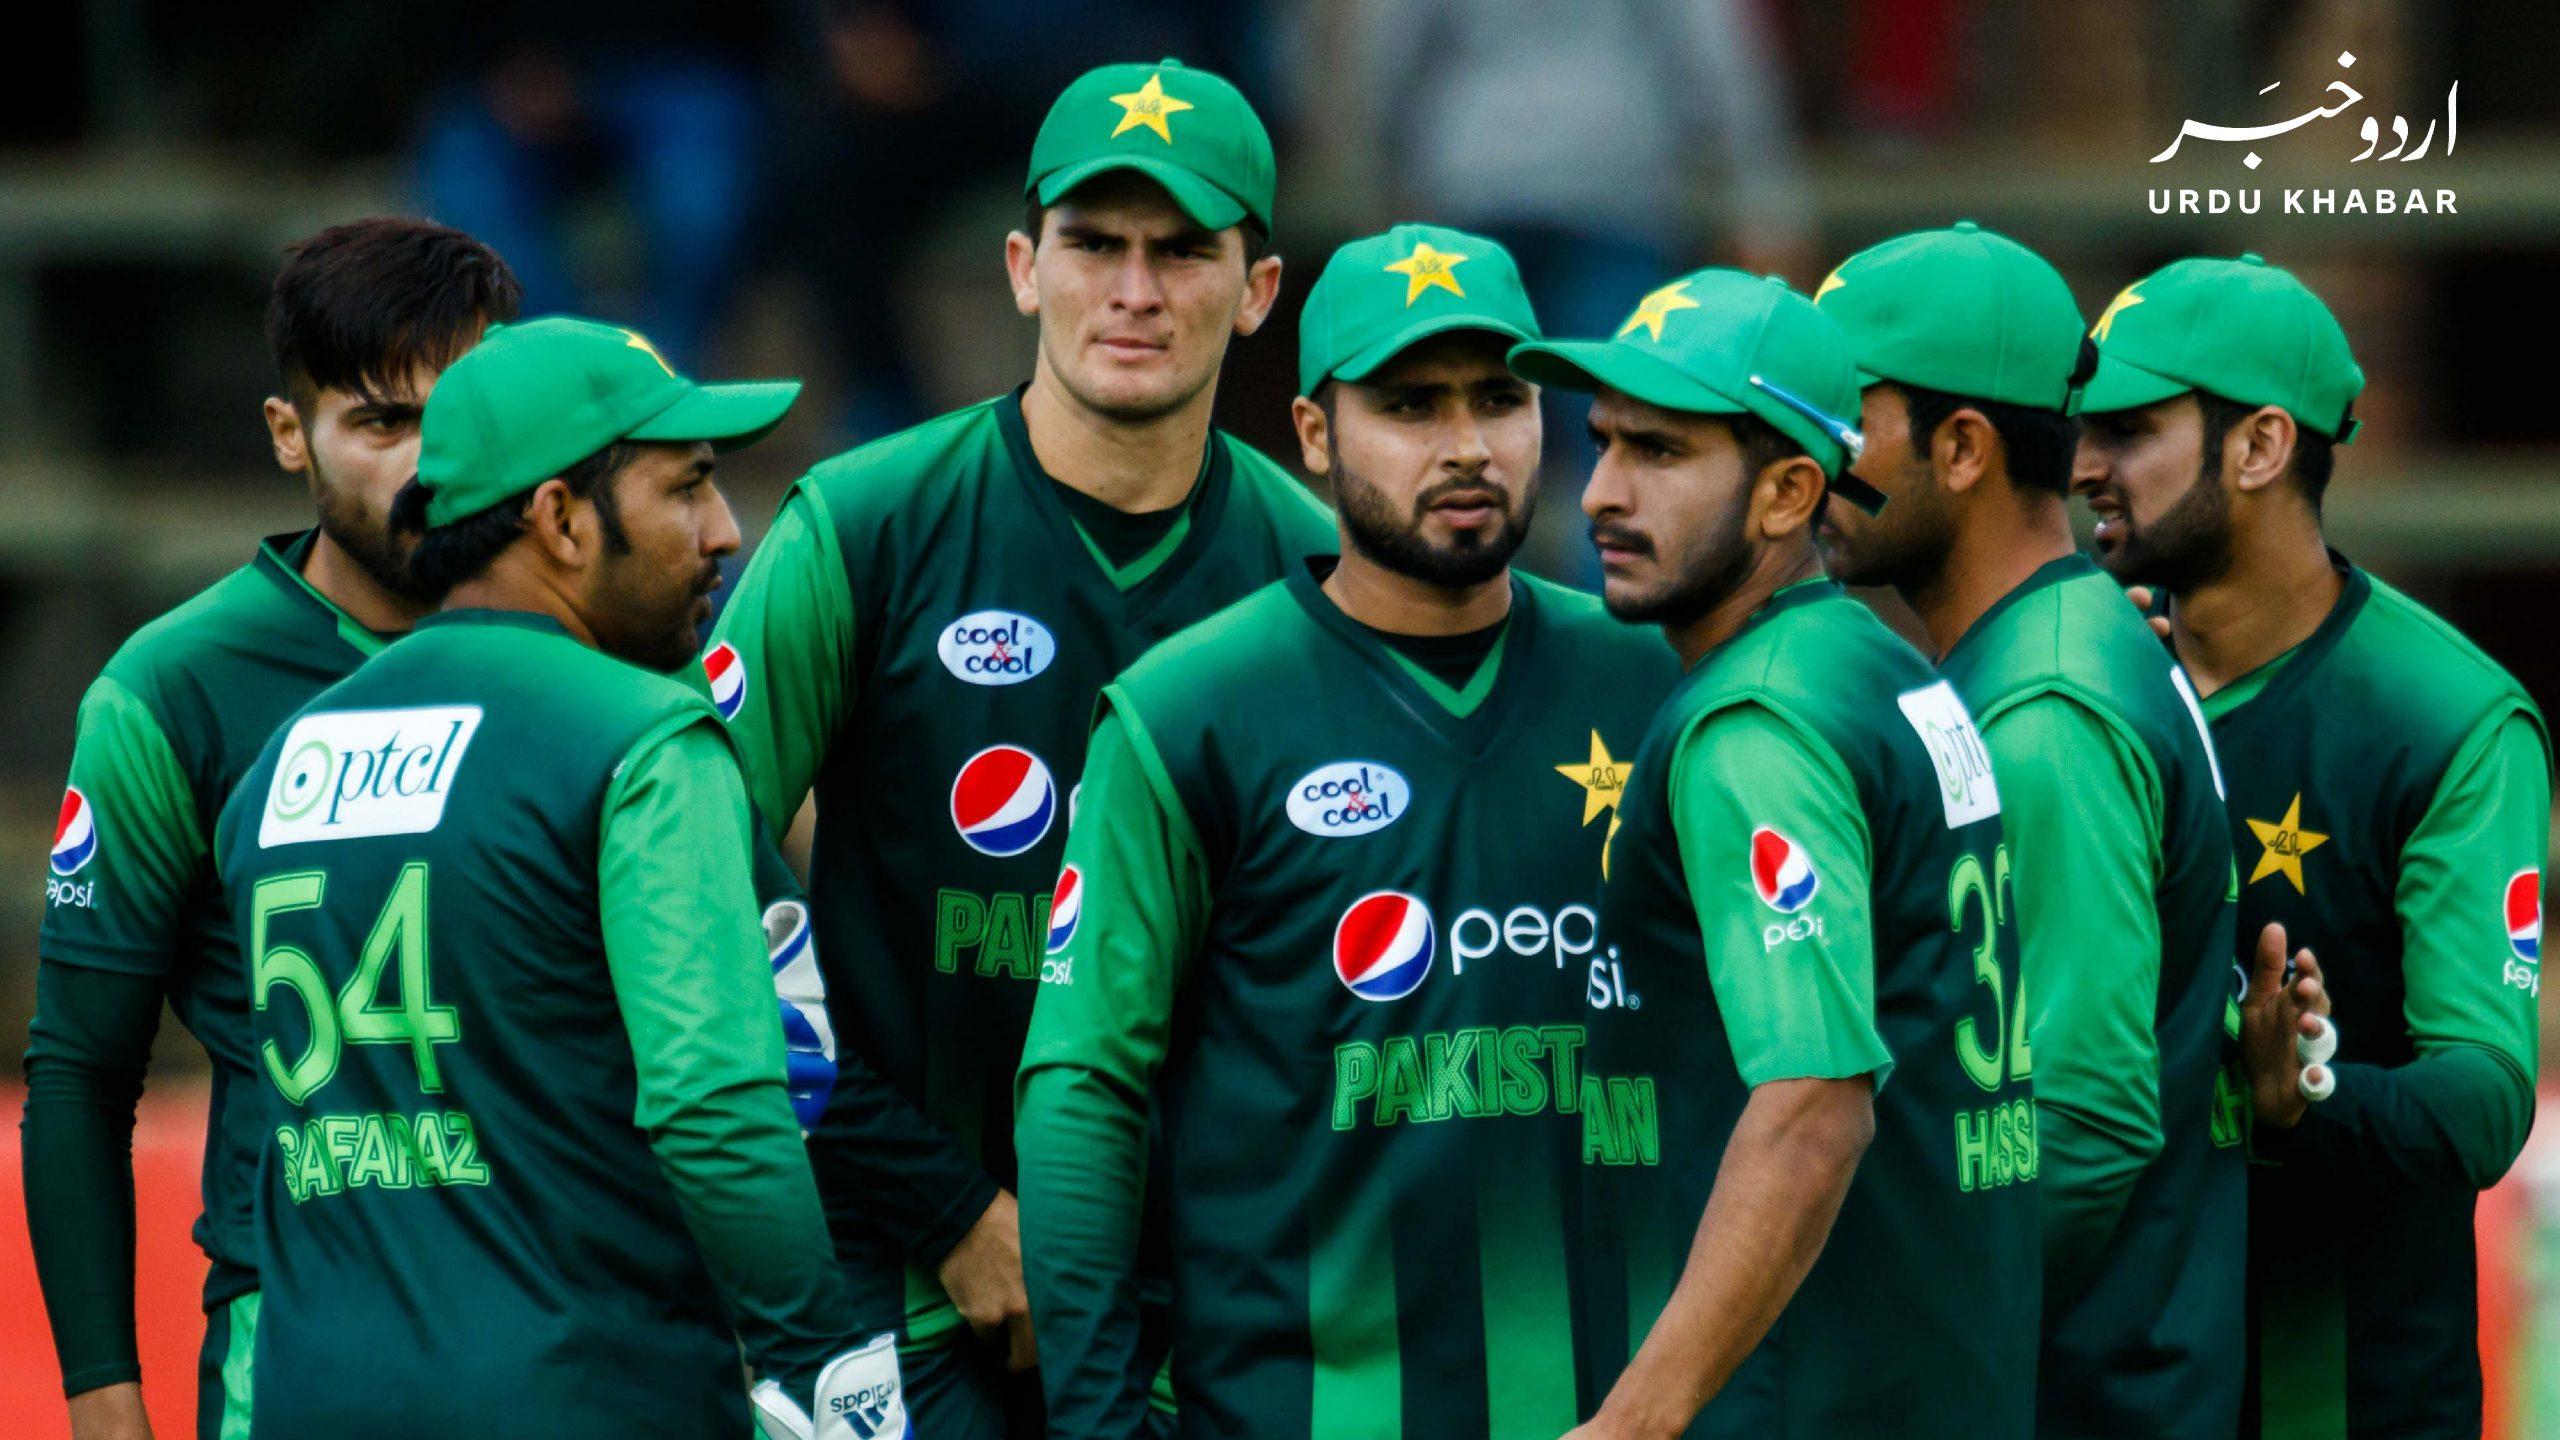 نیوزی لینڈ میں پاکستانی اسکواڈ کے 6 ممبران میں کورونا کی تصدیق